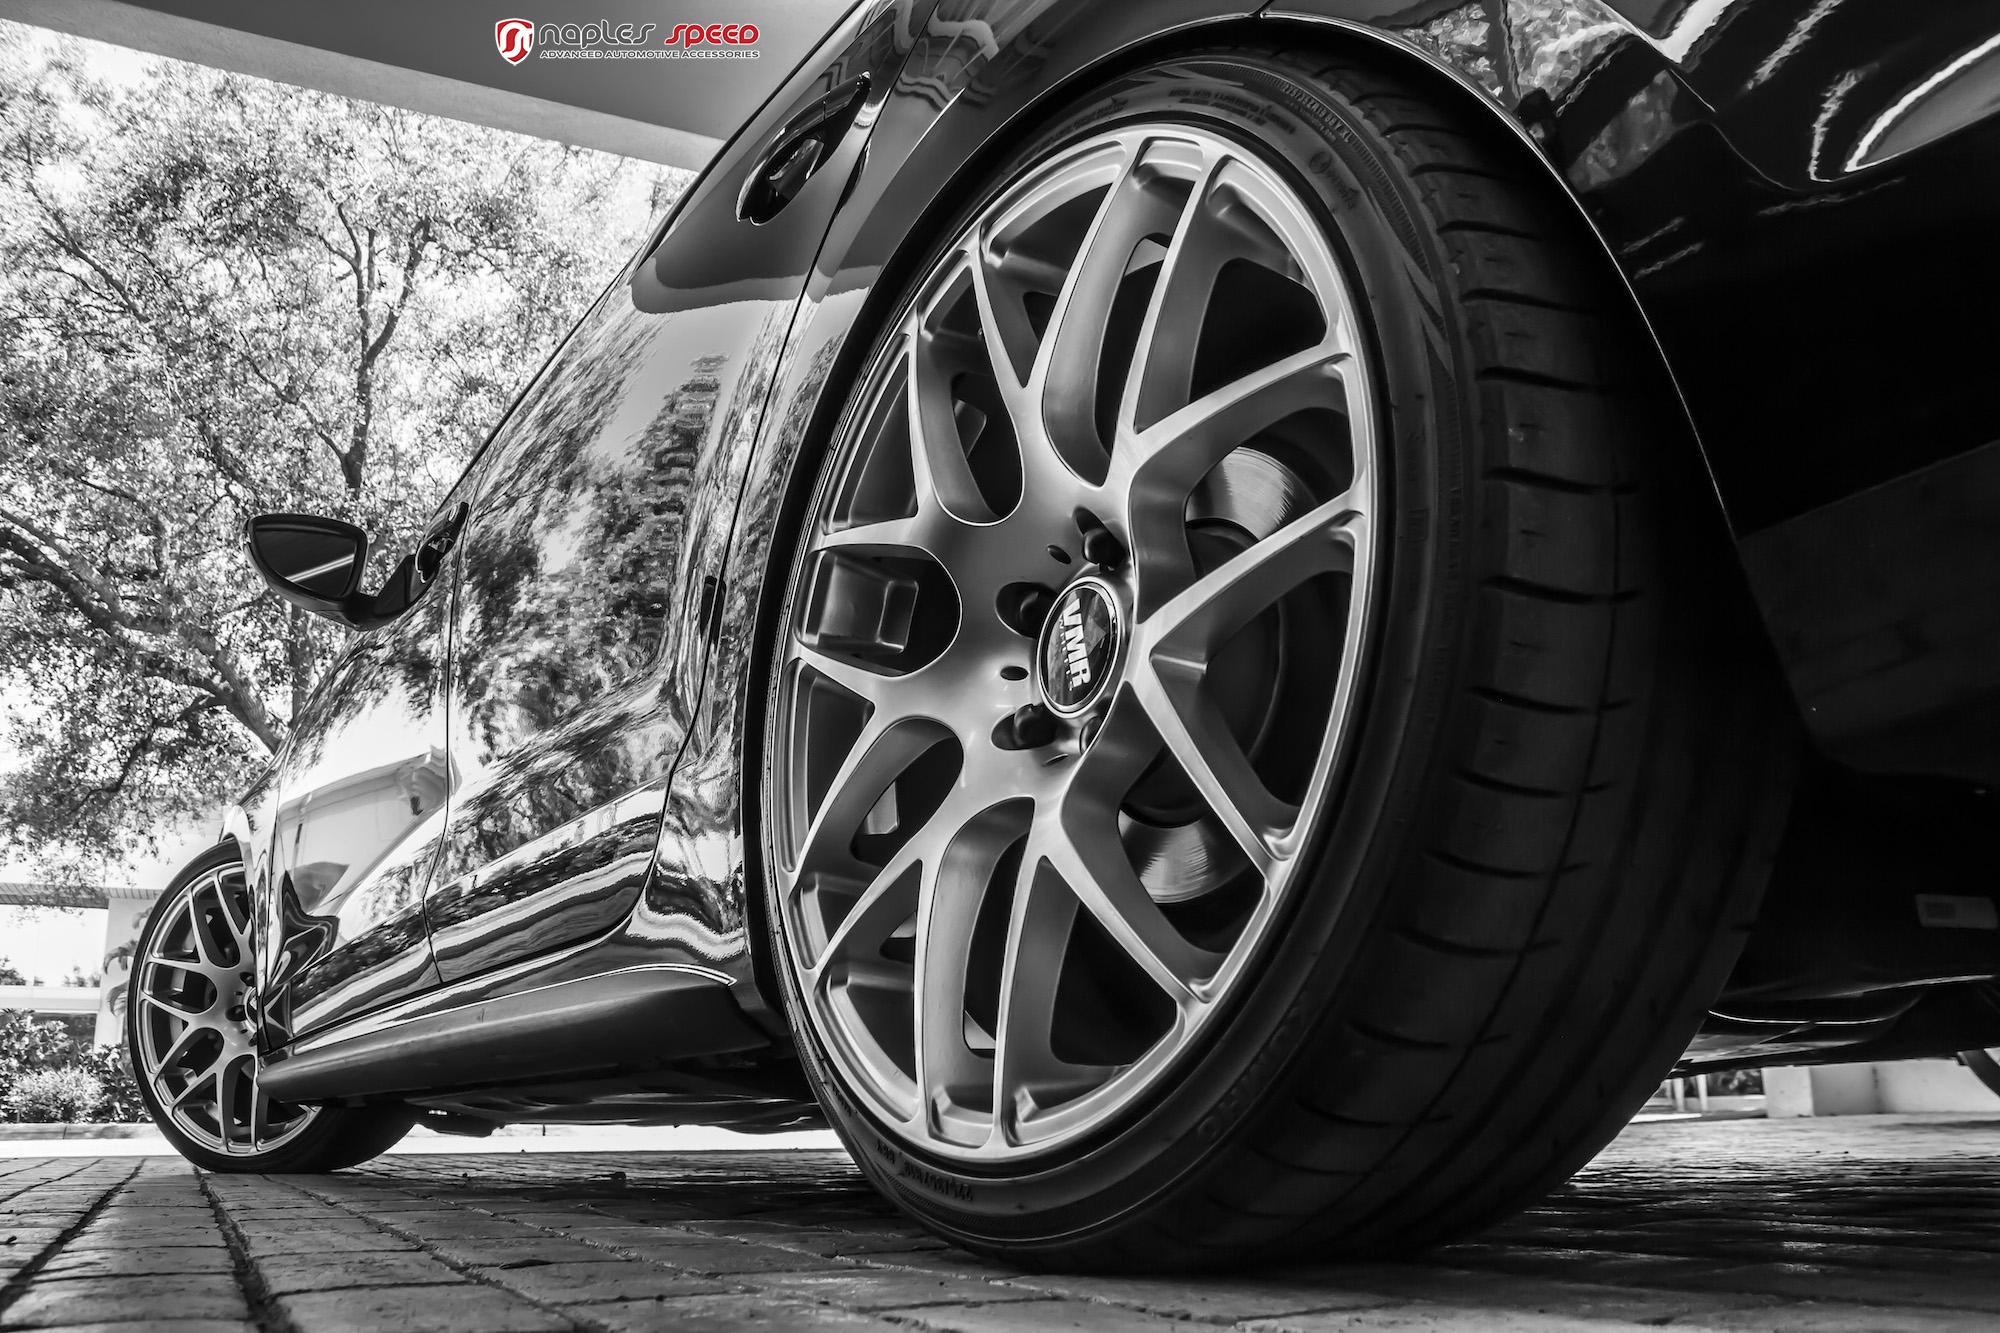 2014 Volkswagen GLI on VMR 710 wheels – Advanced Automotive Accessories